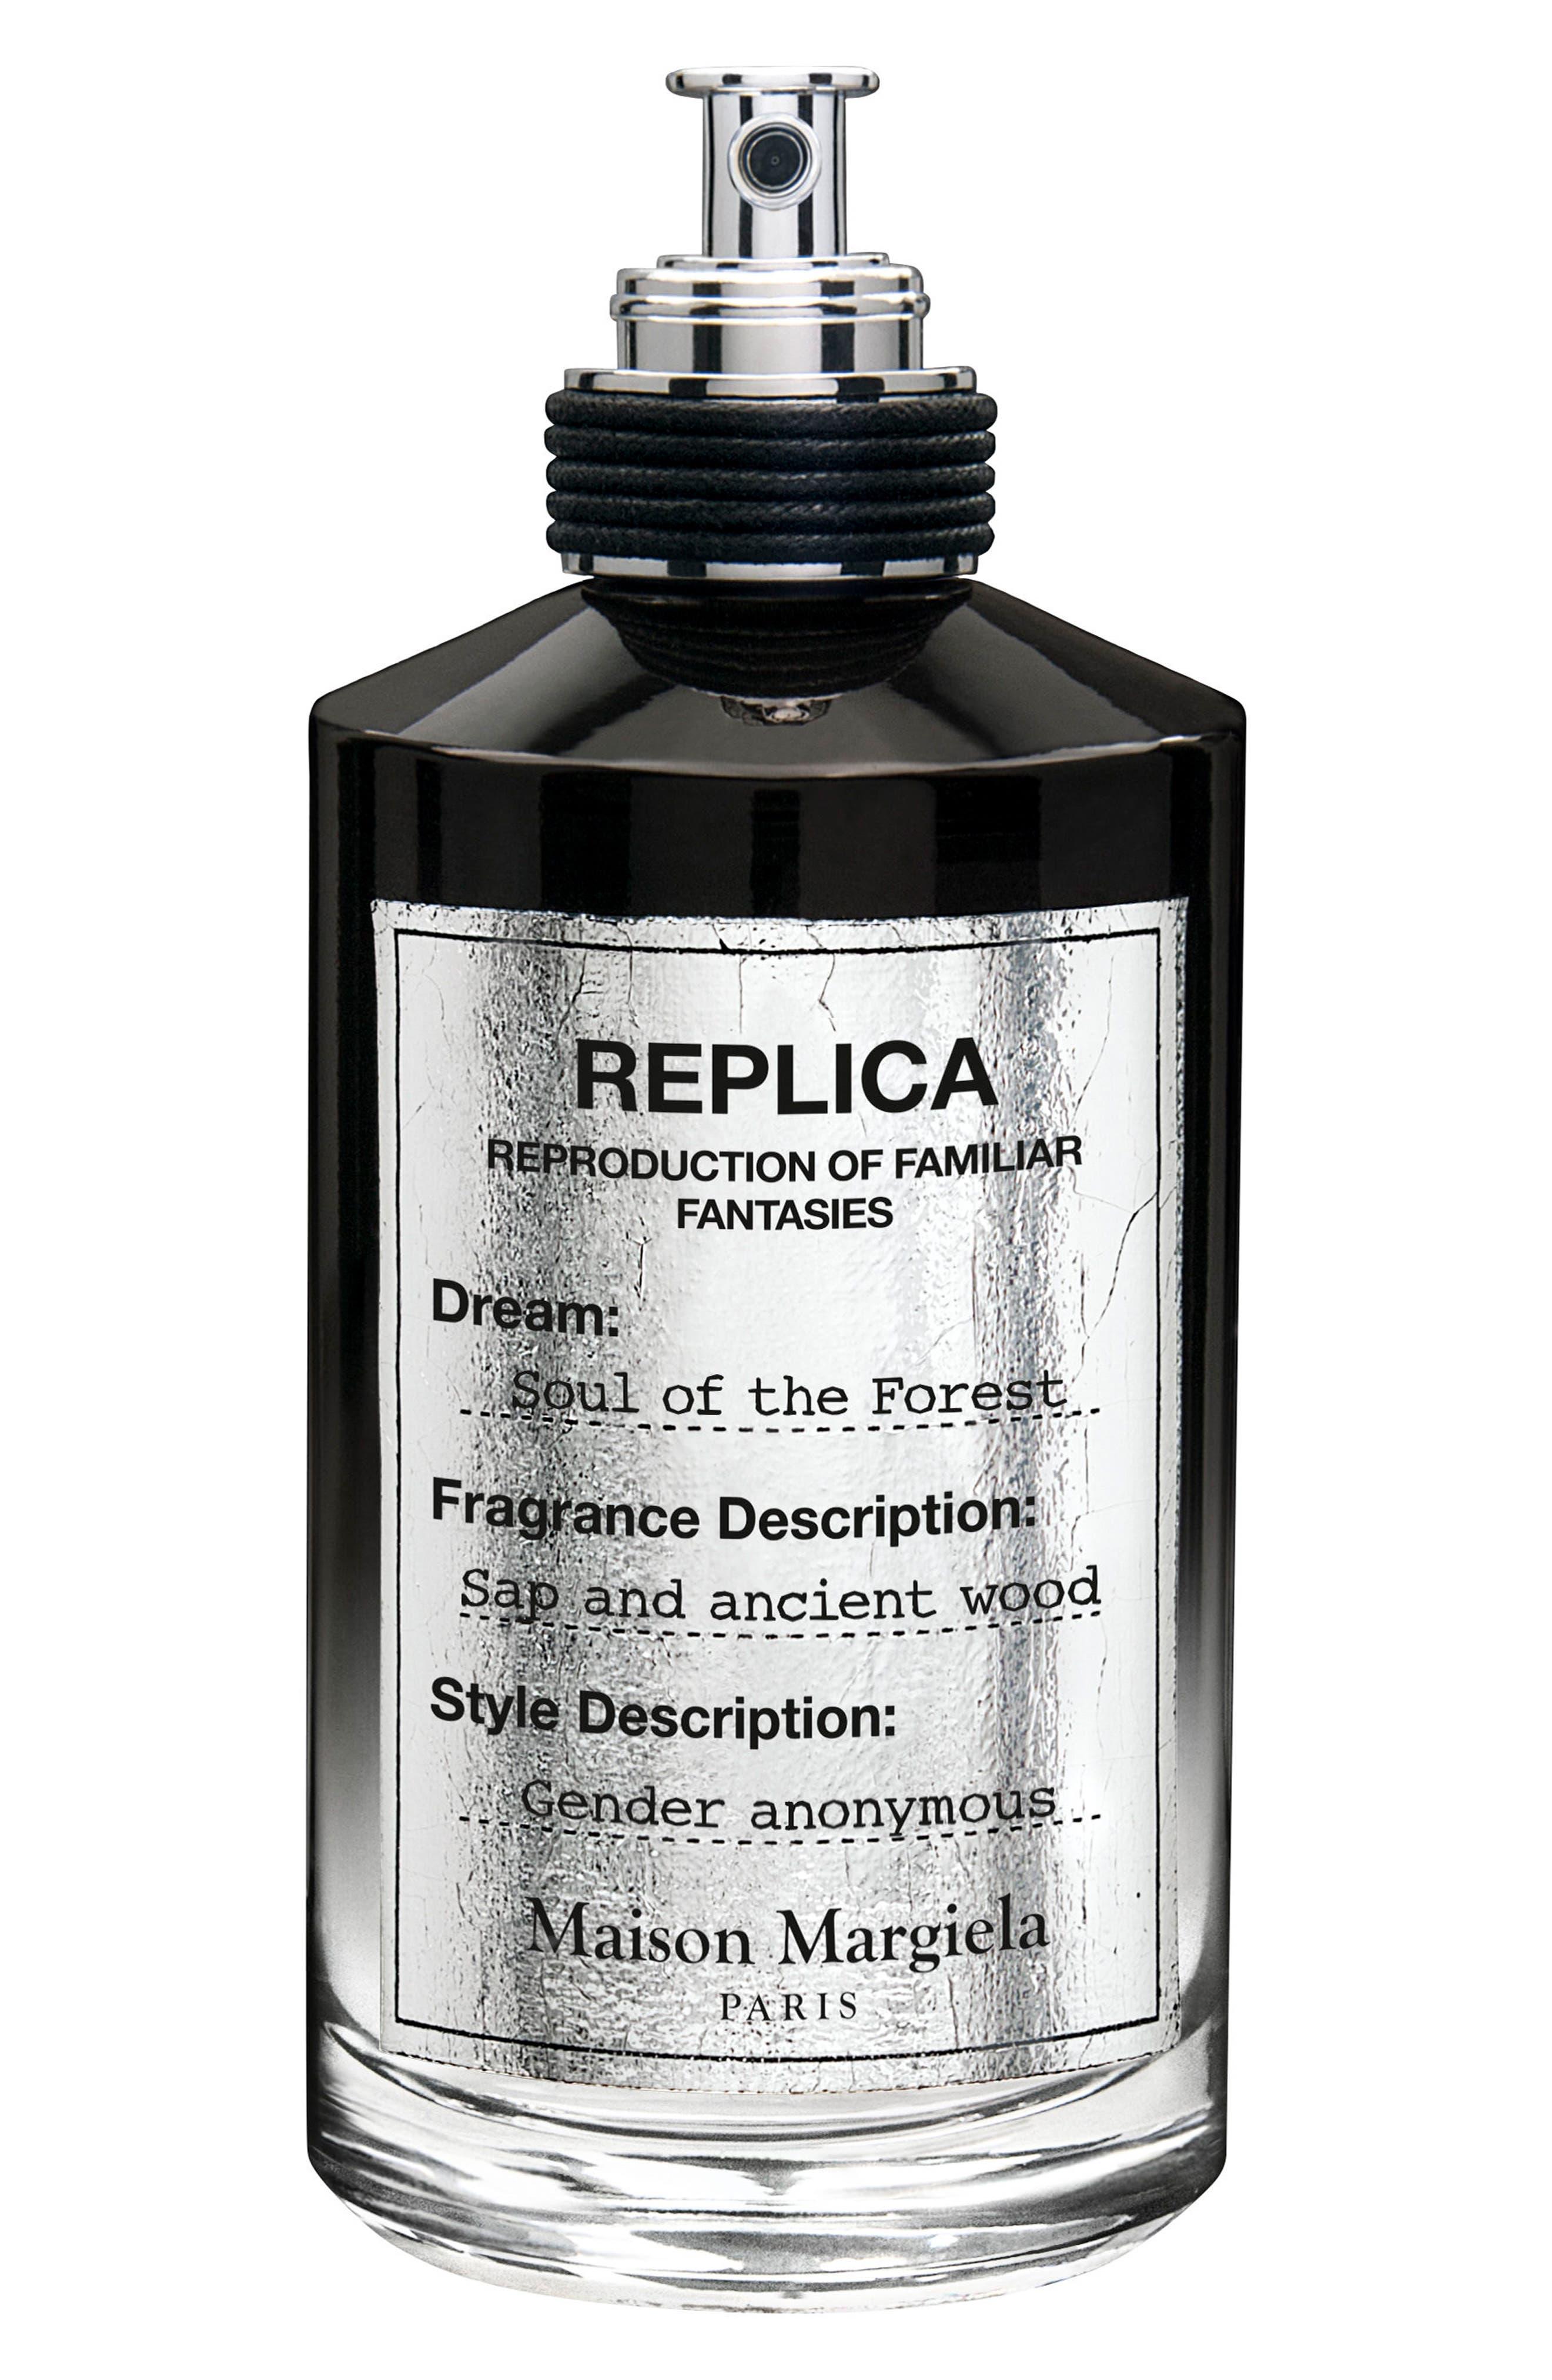 MAISON MARGIELA, Replica Soul of the Forest Eau de Parfum, Main thumbnail 1, color, NO COLOR